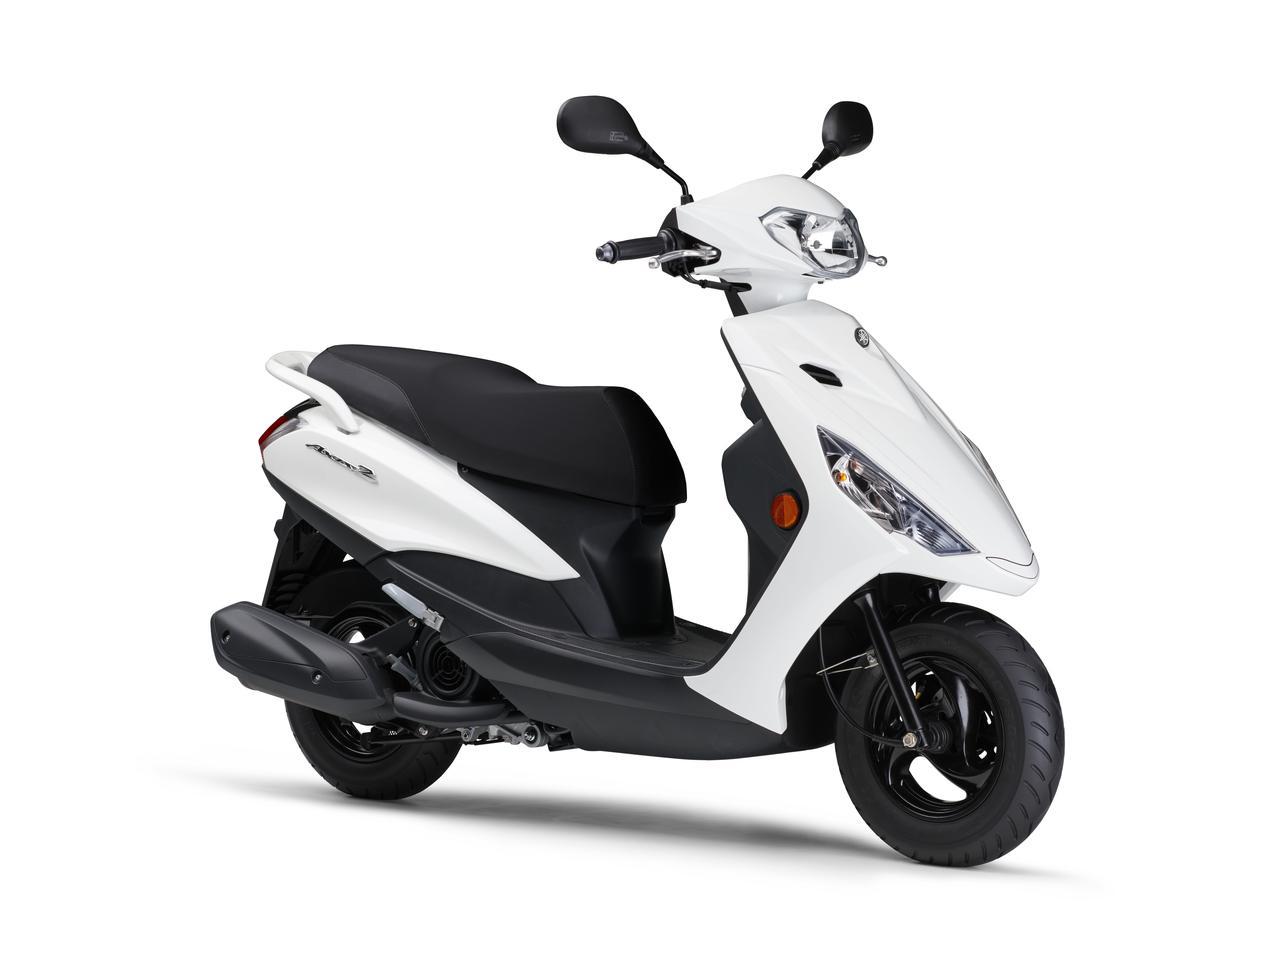 画像25: ヤマハが125ccスクーター「アクシスZ」の2021年モデルを発表! カラーは全5色設定で2月5日に発売